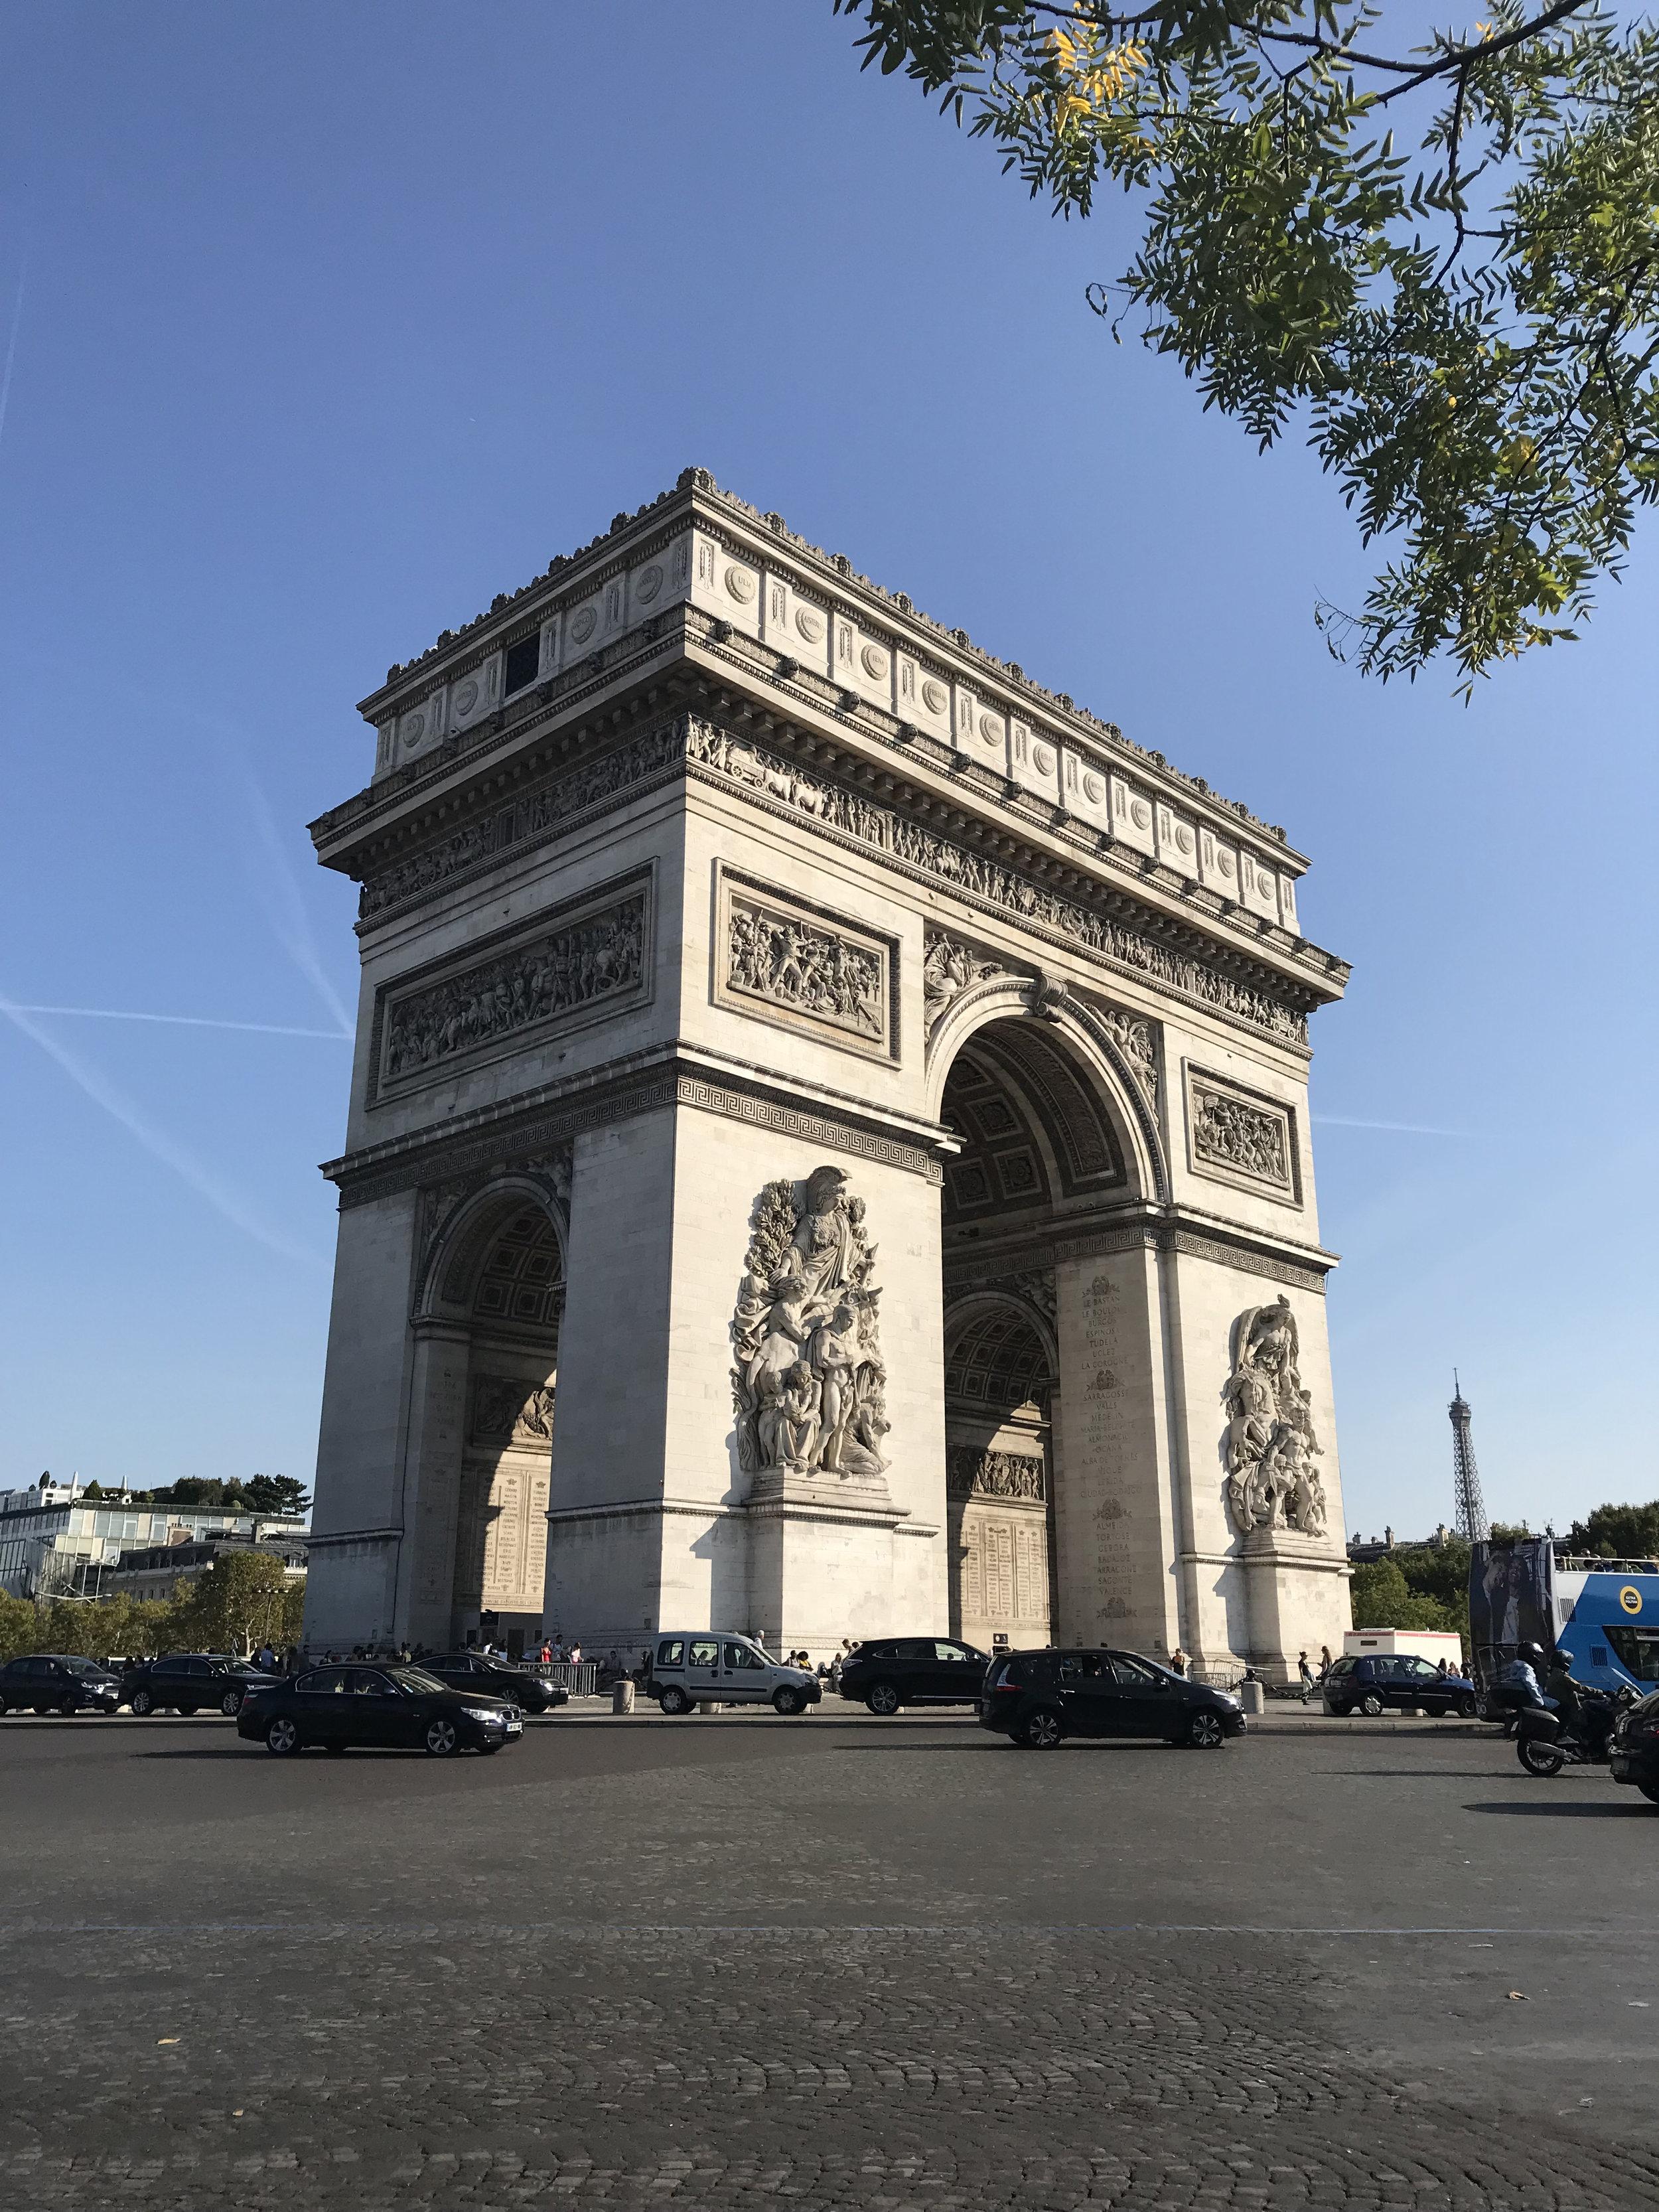 L'Arc du Triomphe